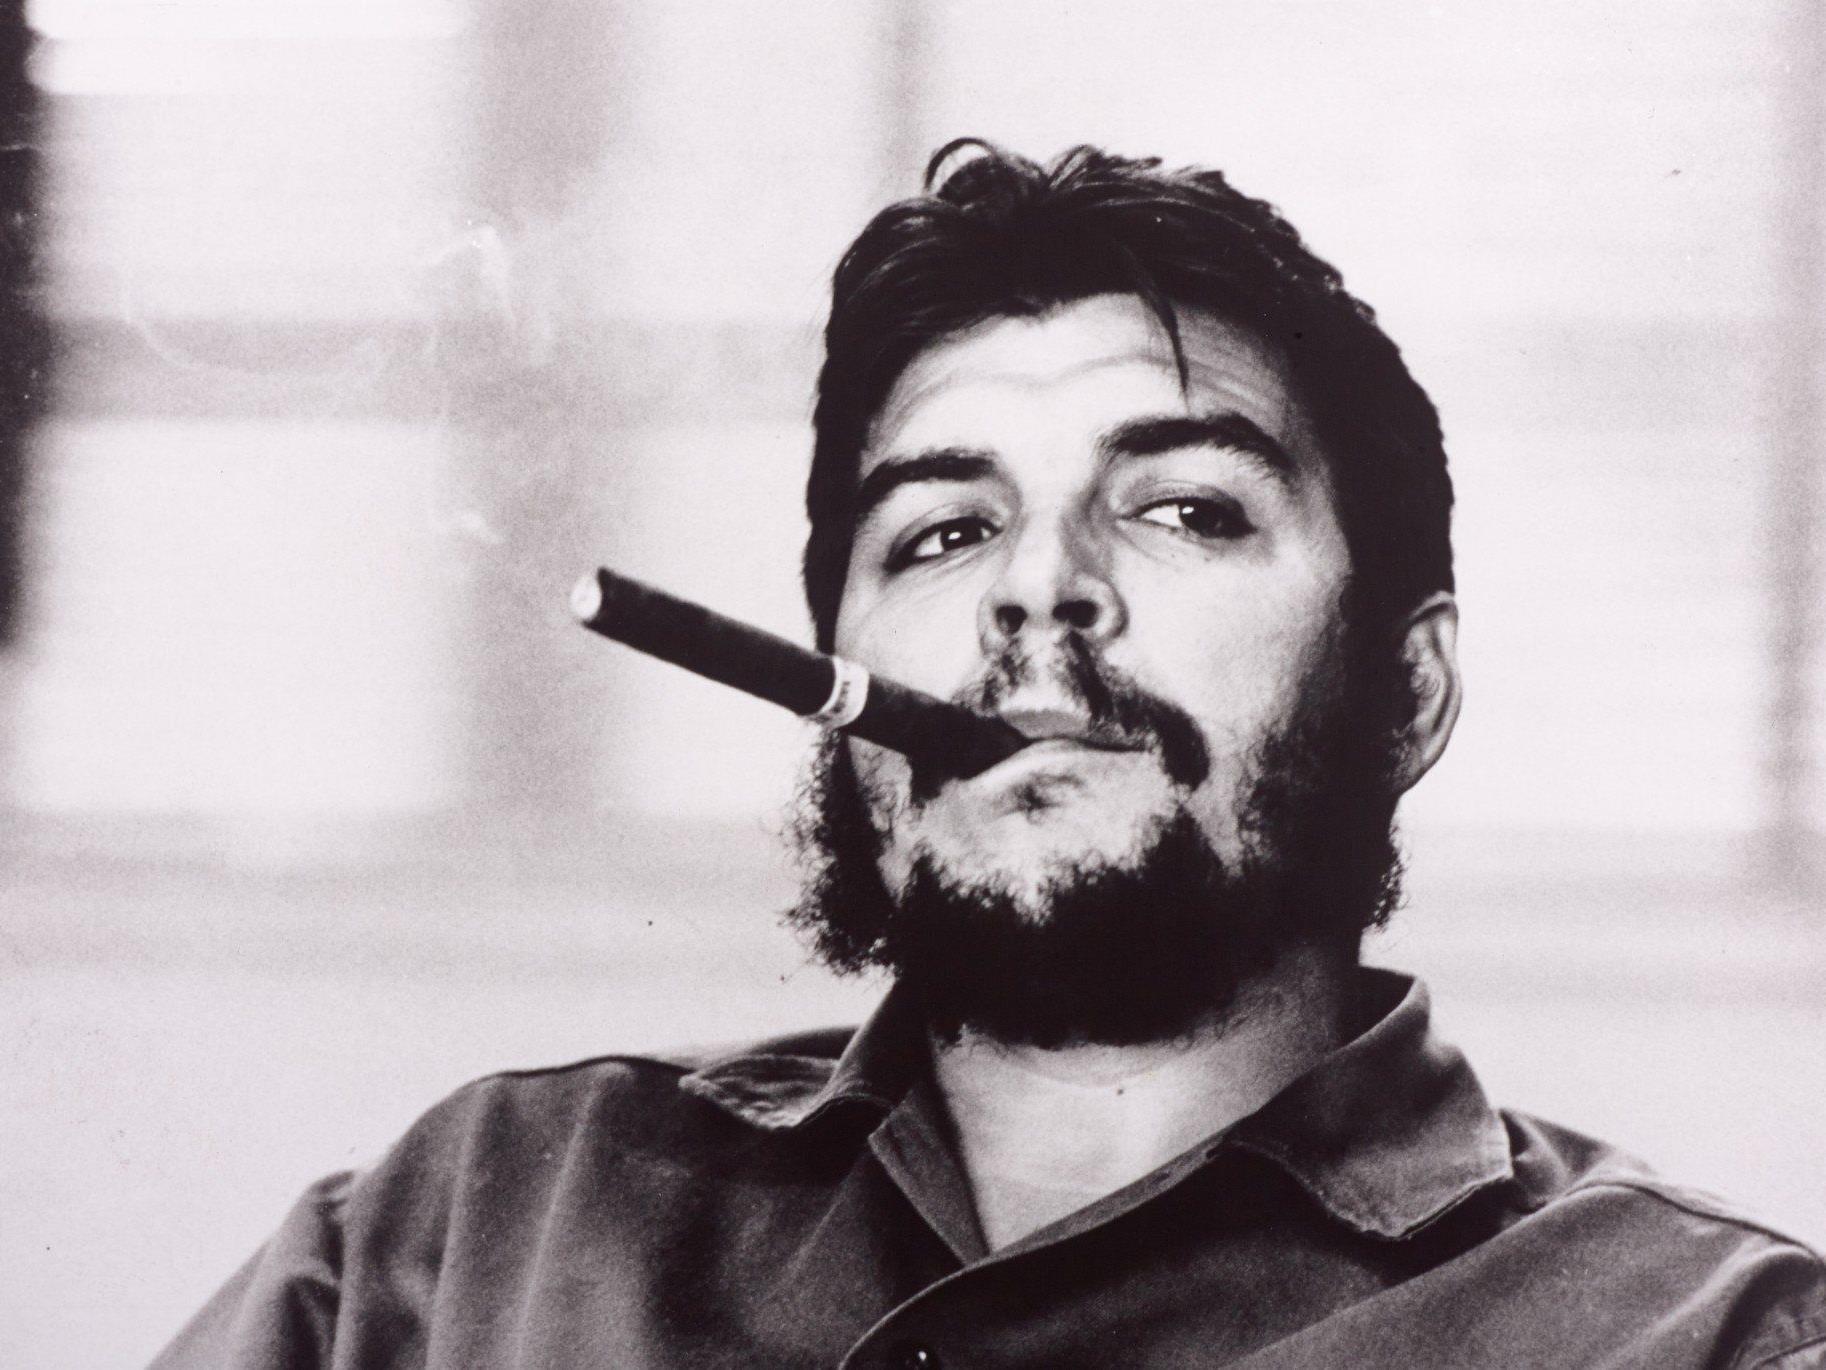 Viele von René Burris Werken wie jenes von Che Guevara mit Zigarre sind weltberühmt.